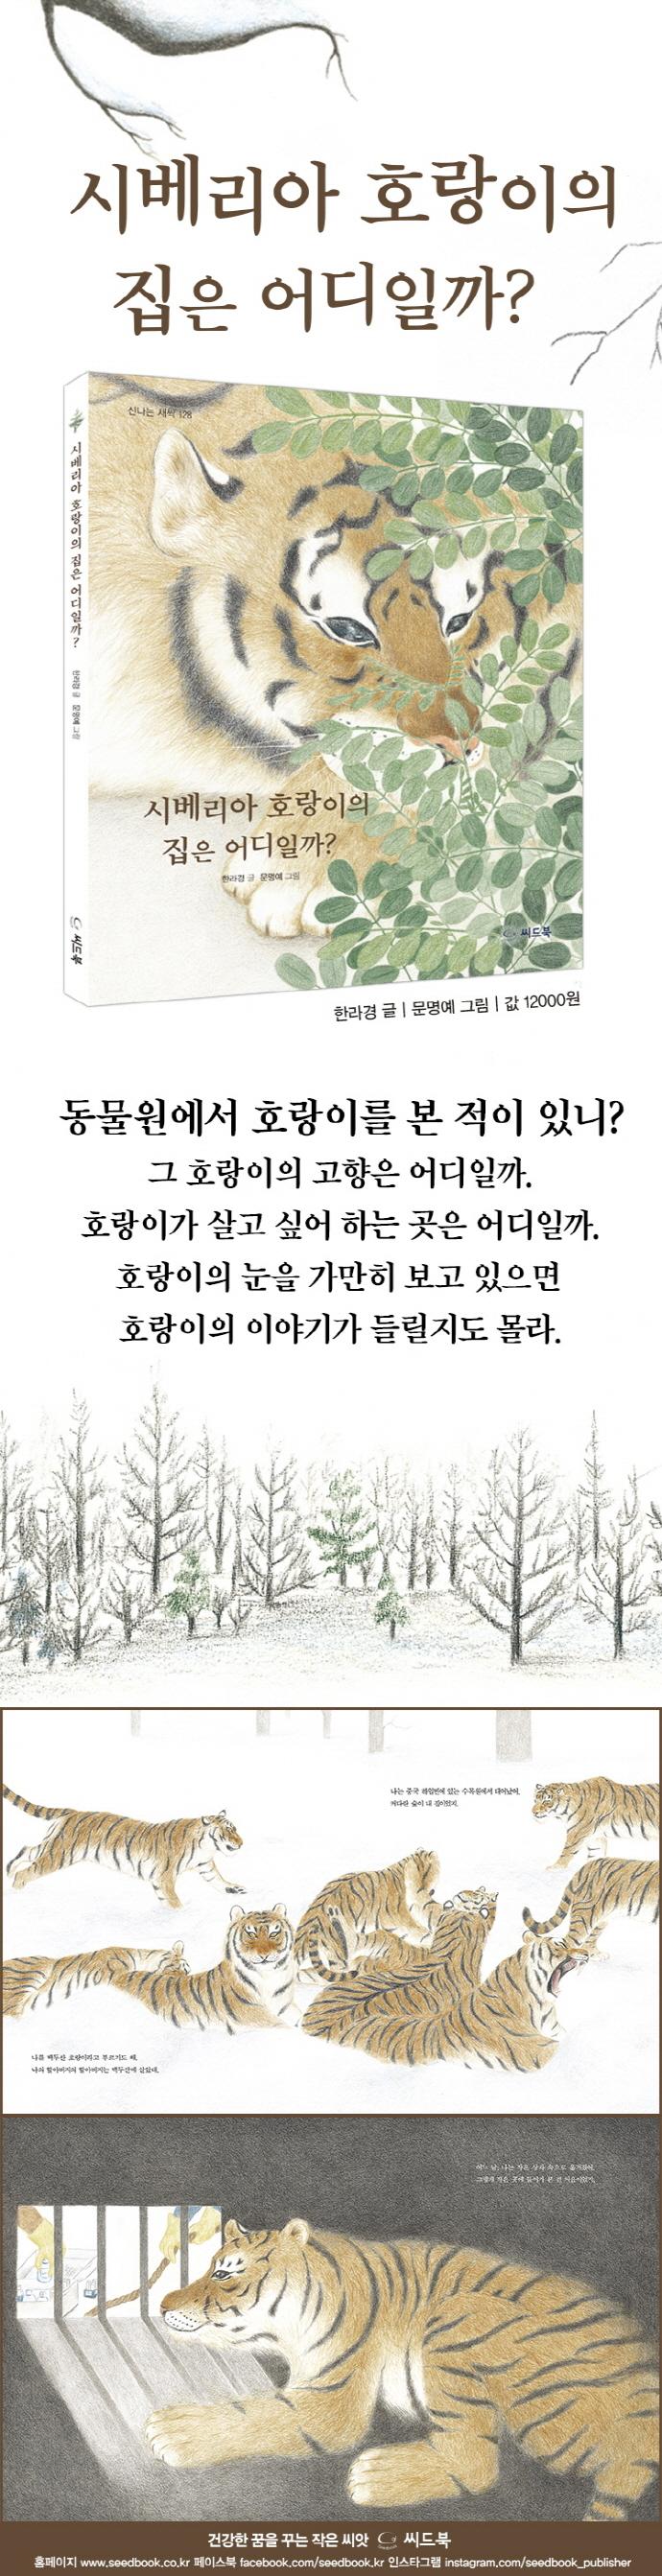 시베리아 호랑이의 집은 어디일까?(신나는 새싹 128)(양장본 HardCover) 도서 상세이미지